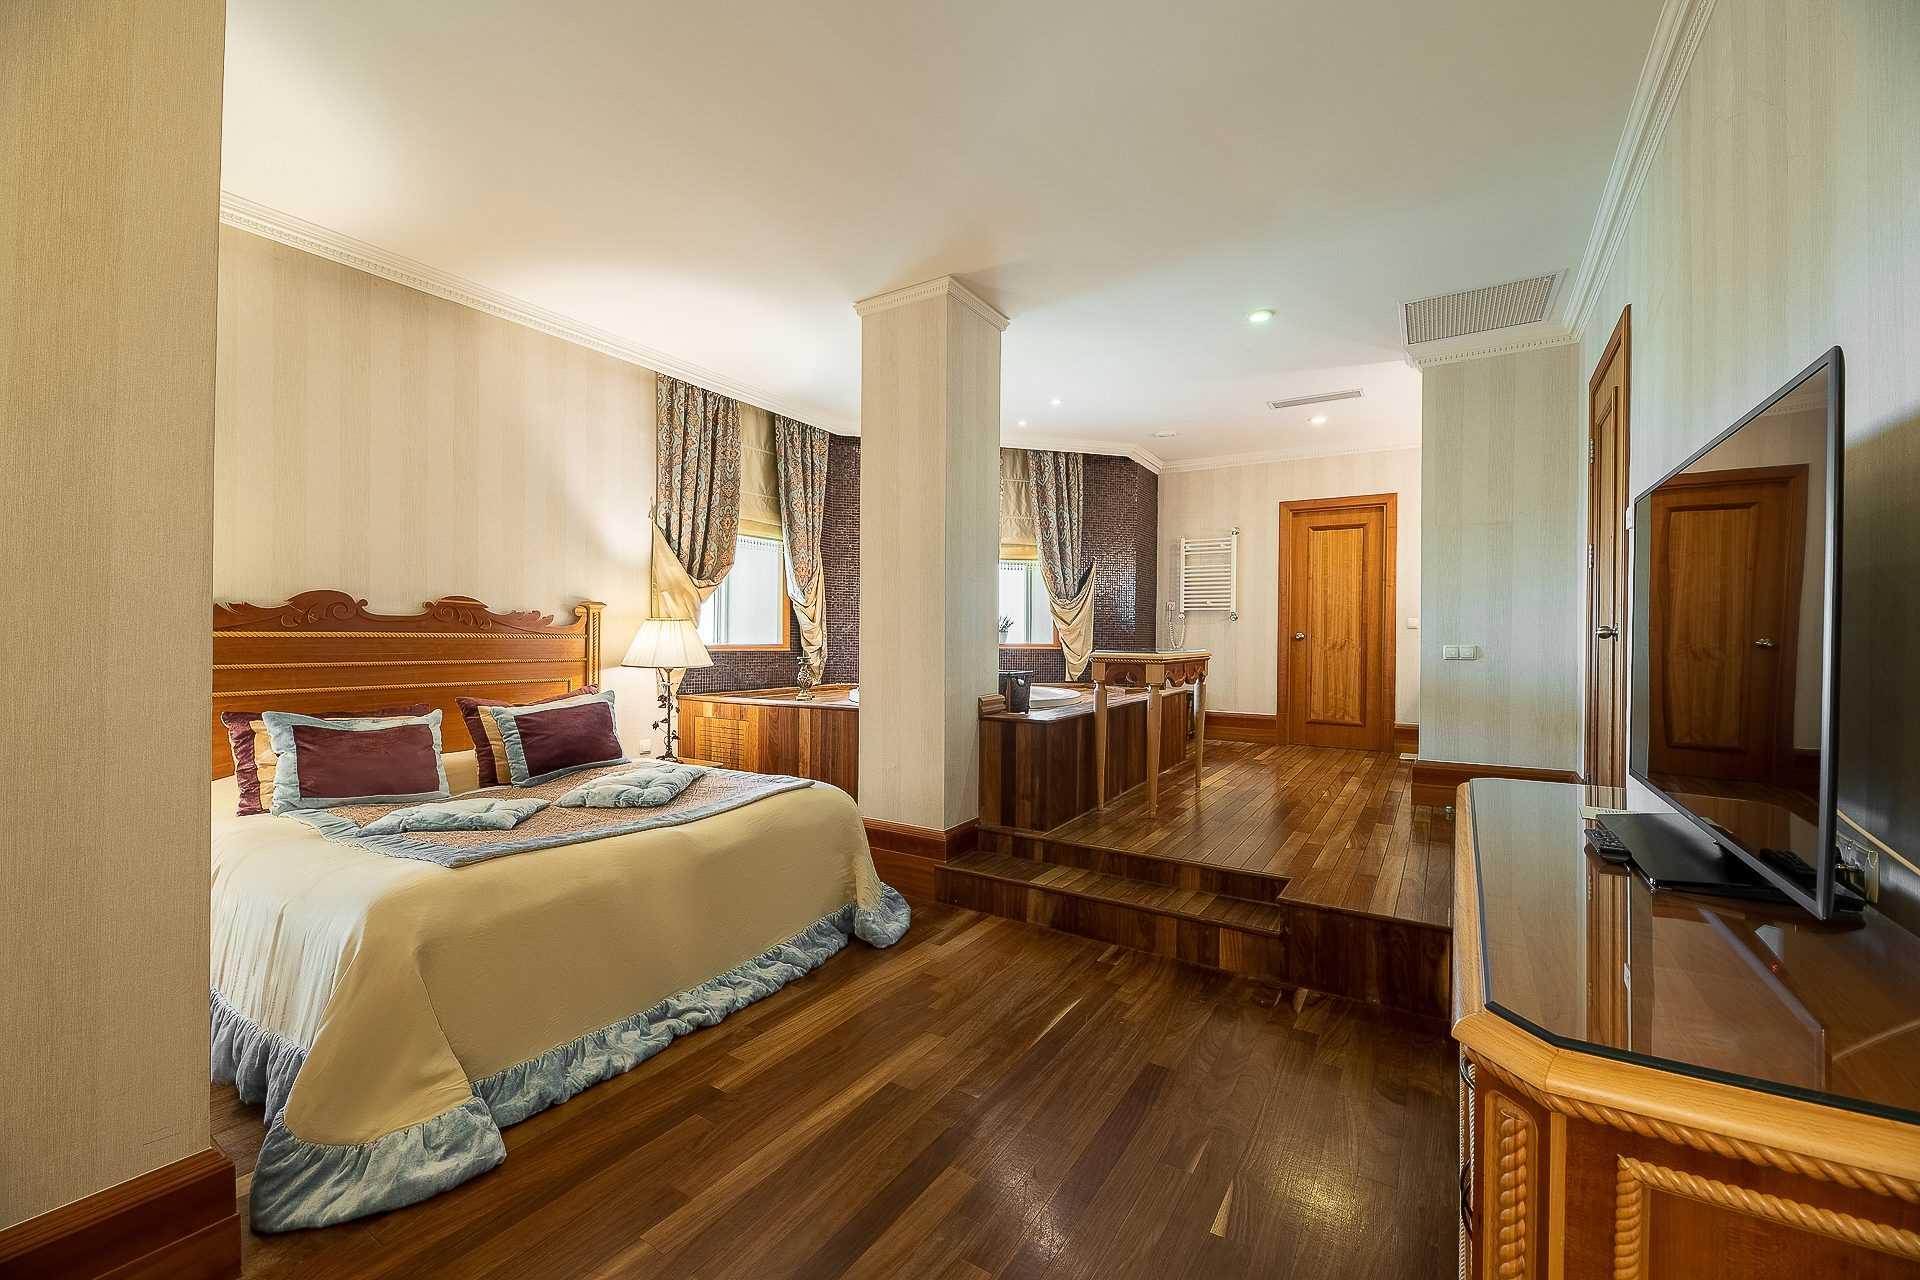 Чотирьохмістний номер, Апартаменти, готель Ріксос Прикарпаття